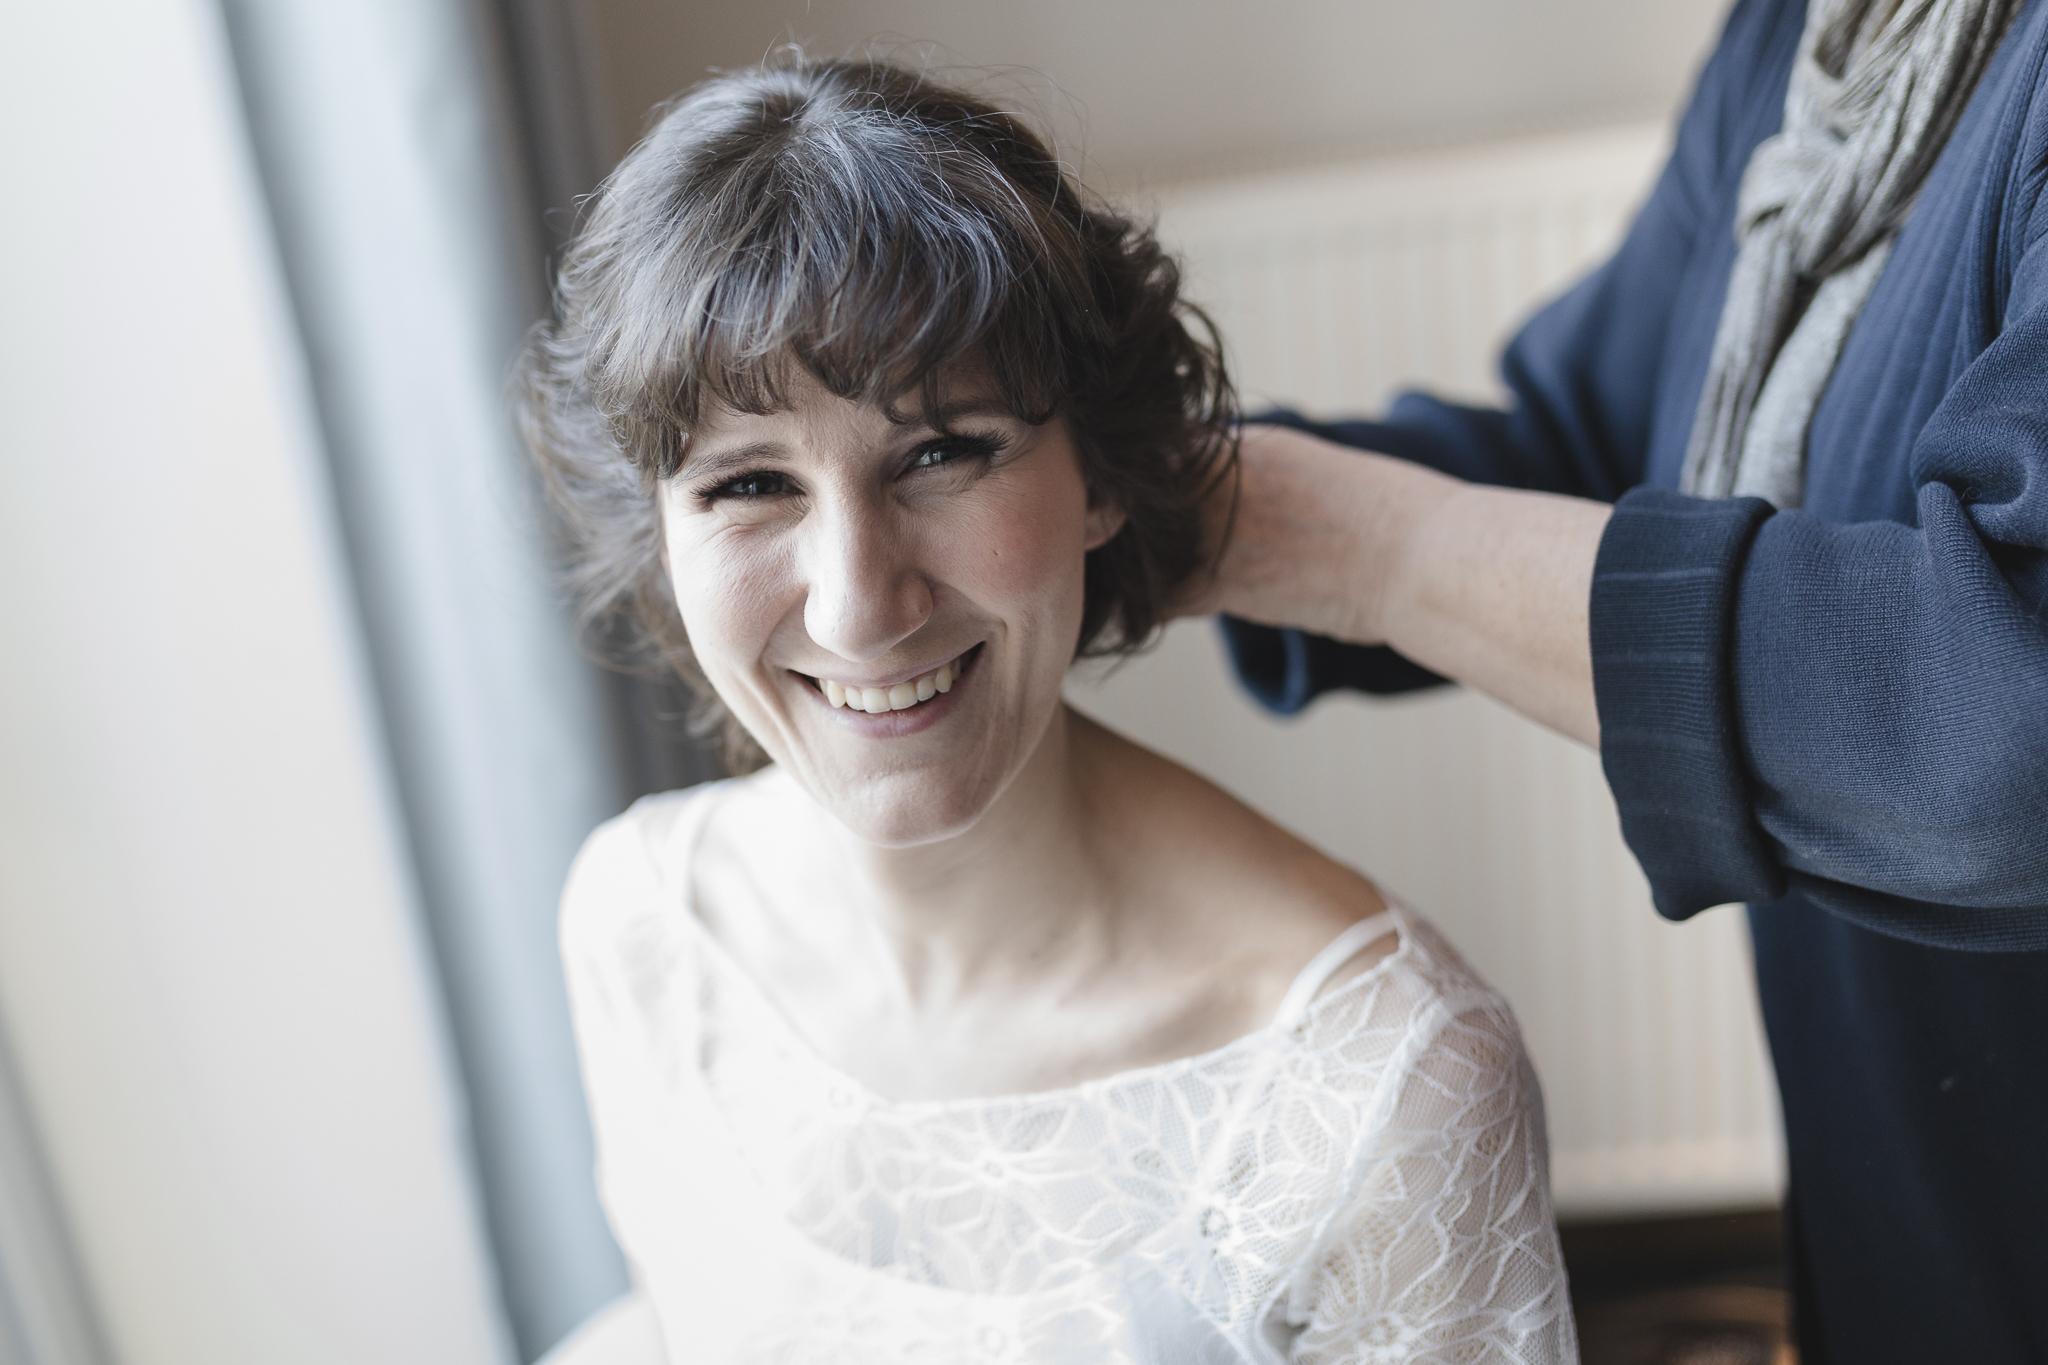 Hochzeit in Hamburg - Braut lacht beim Styling in die Kamera